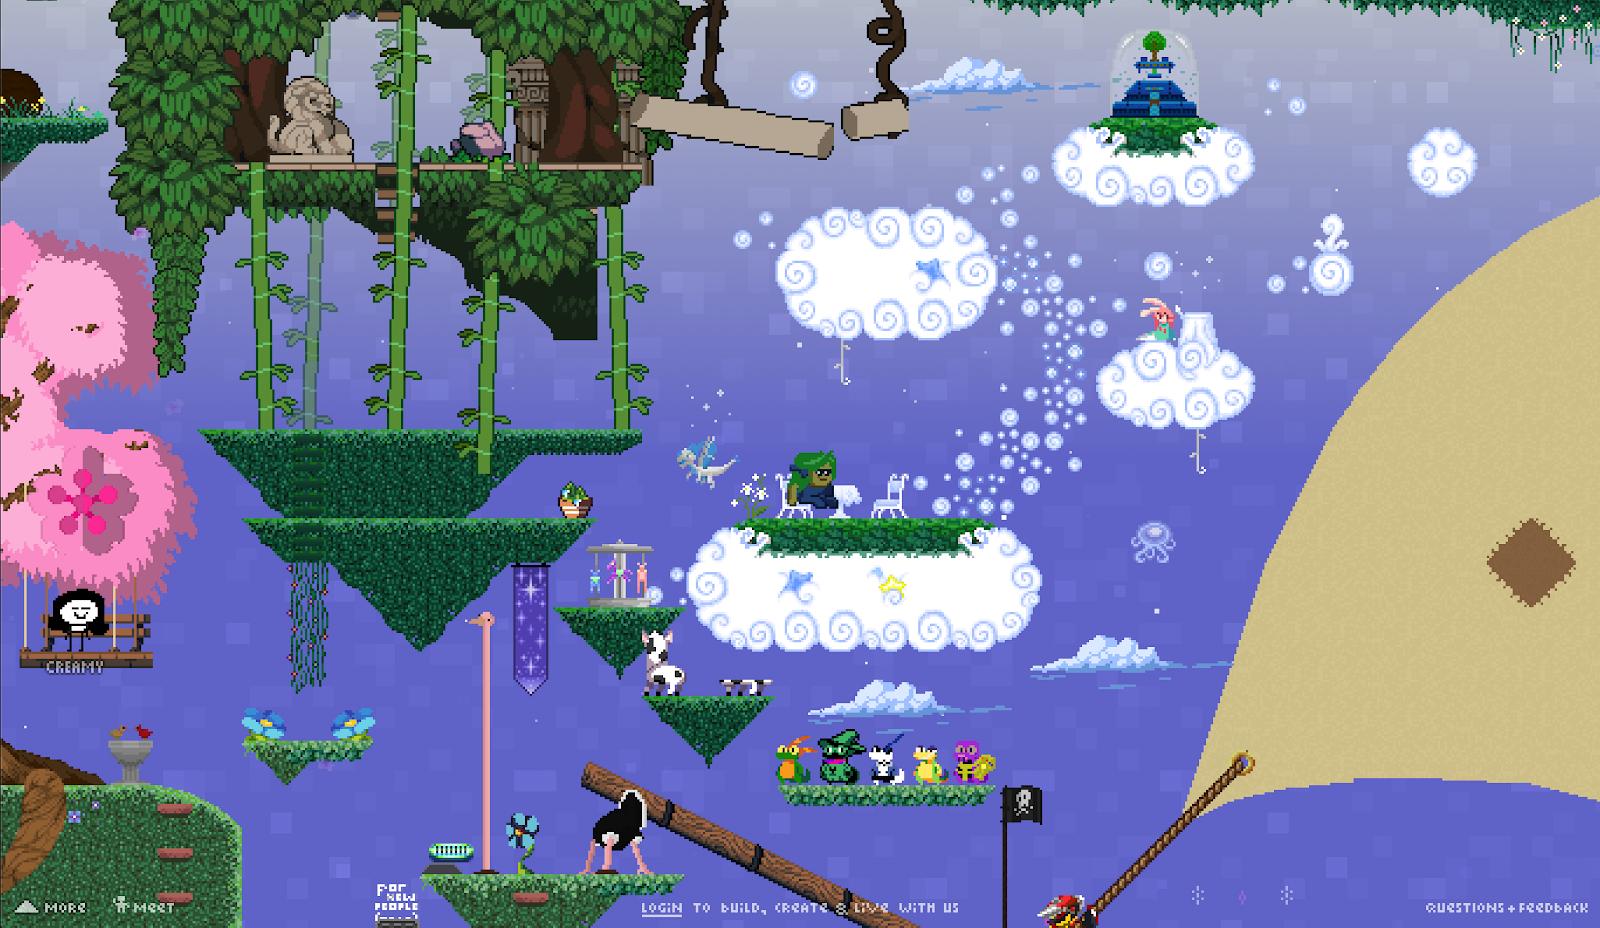 zen garden in the skies of Manyland